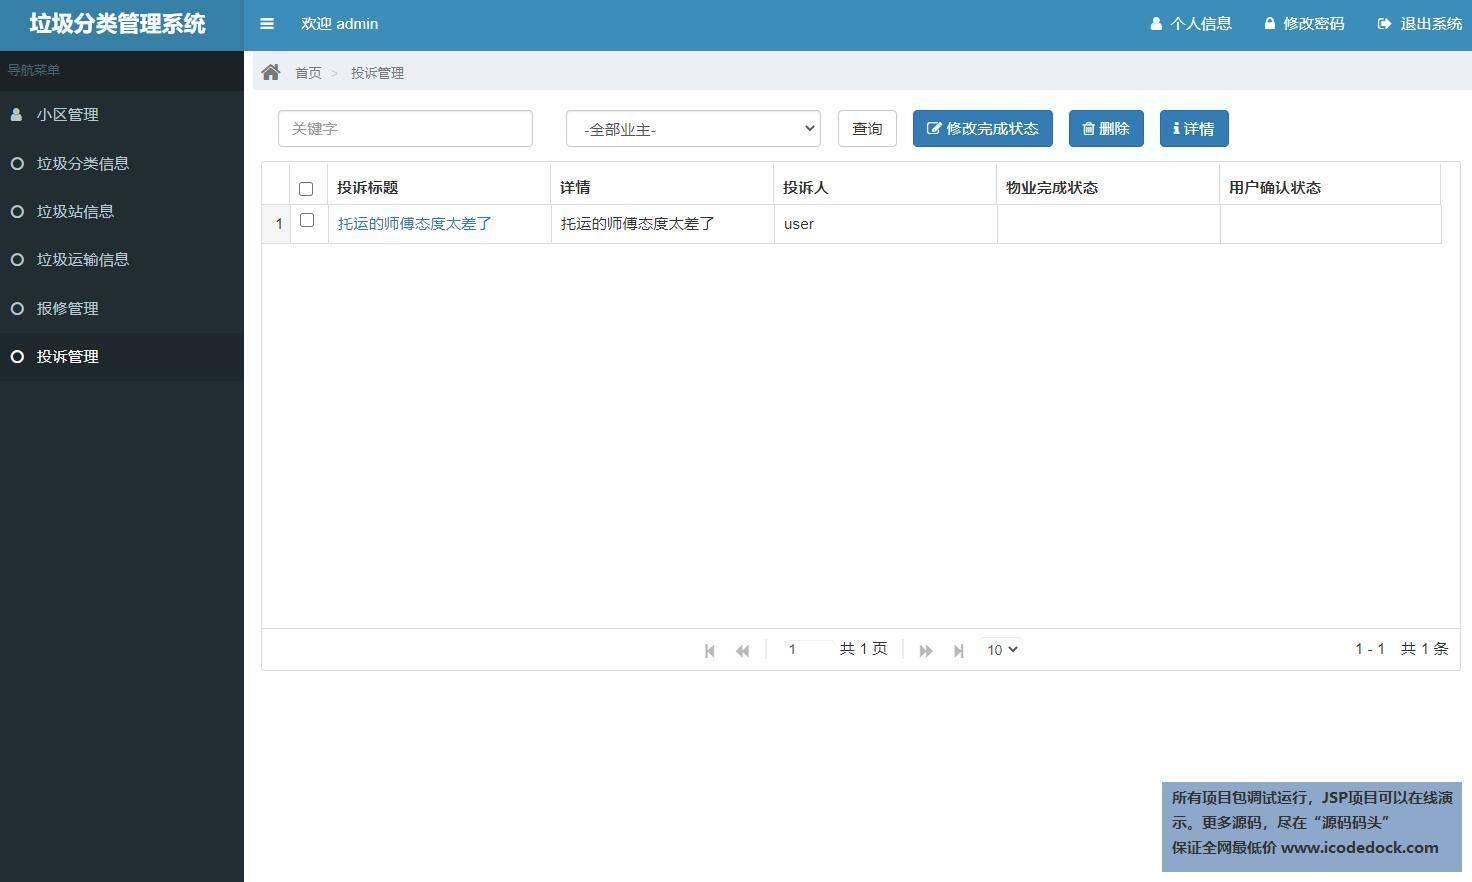 源码码头-SSM实现的垃圾分类管理系统-管理员角色-投诉管理